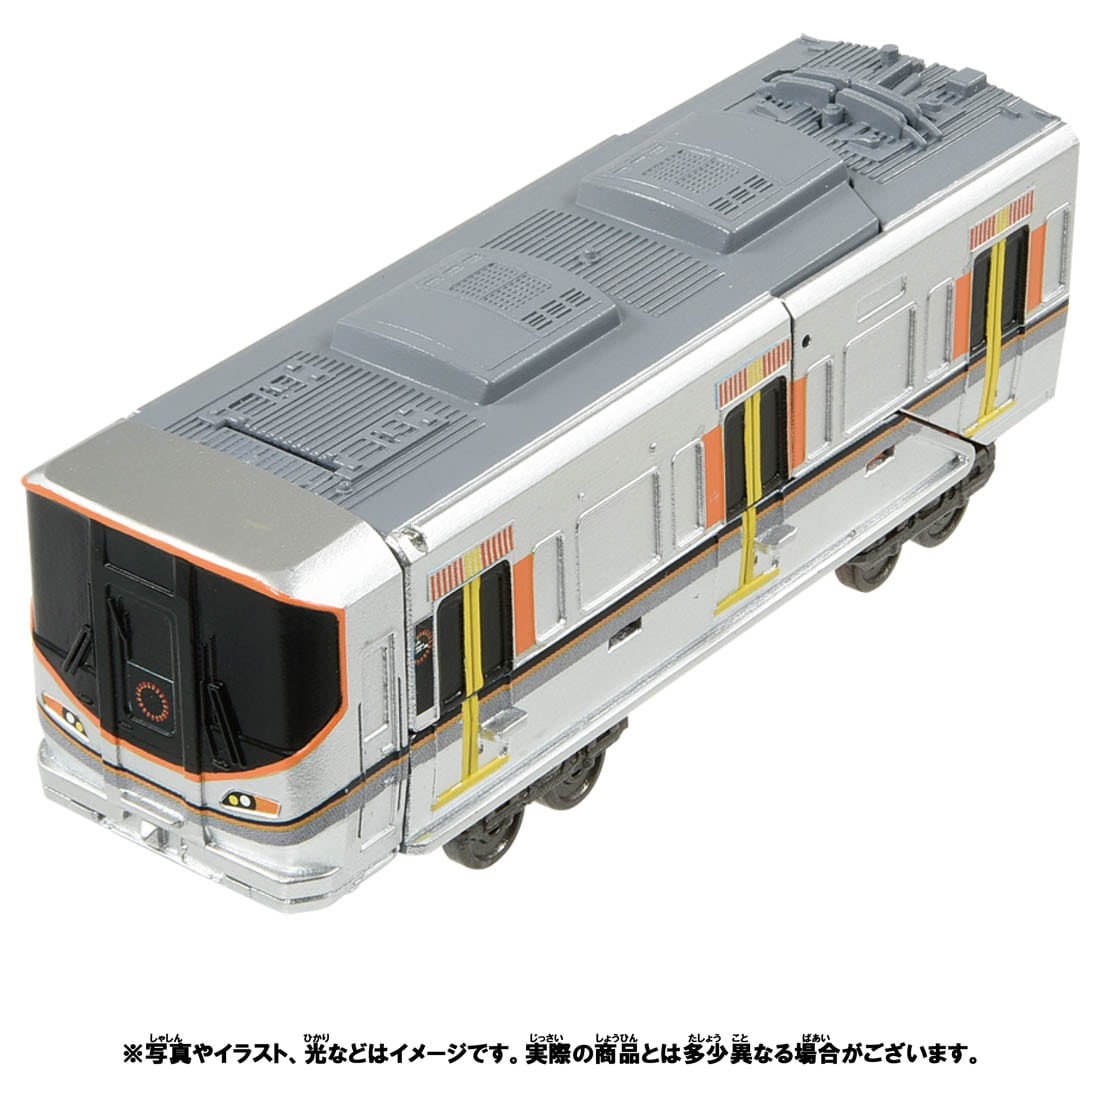 新幹線変形ロボ シンカリオンZ『シンカリオンZ 500オオサカカンジョウセット』可変合体プラレール-009